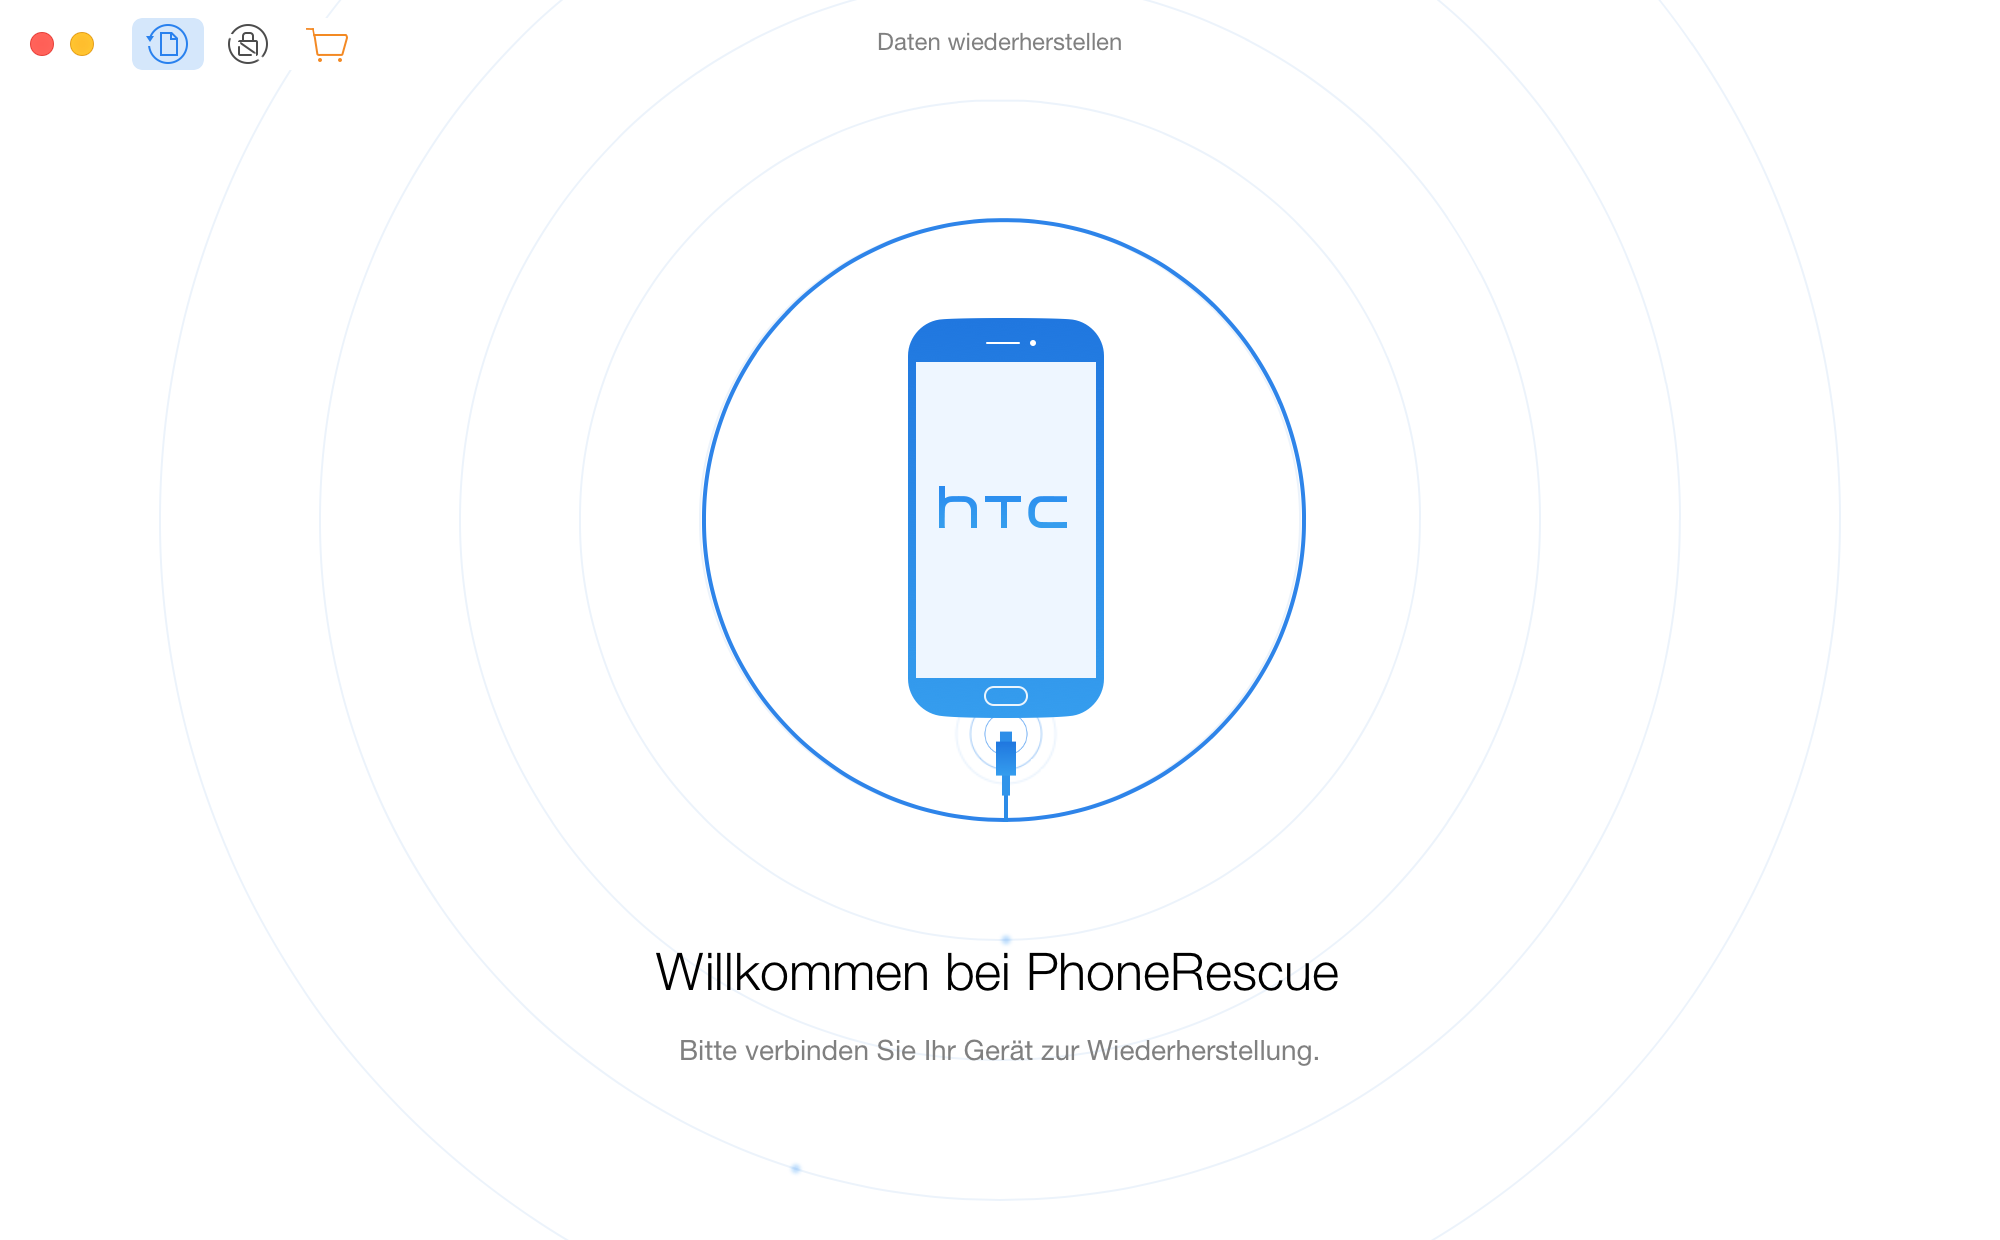 Willkommen bei PhoneRescue für HTC